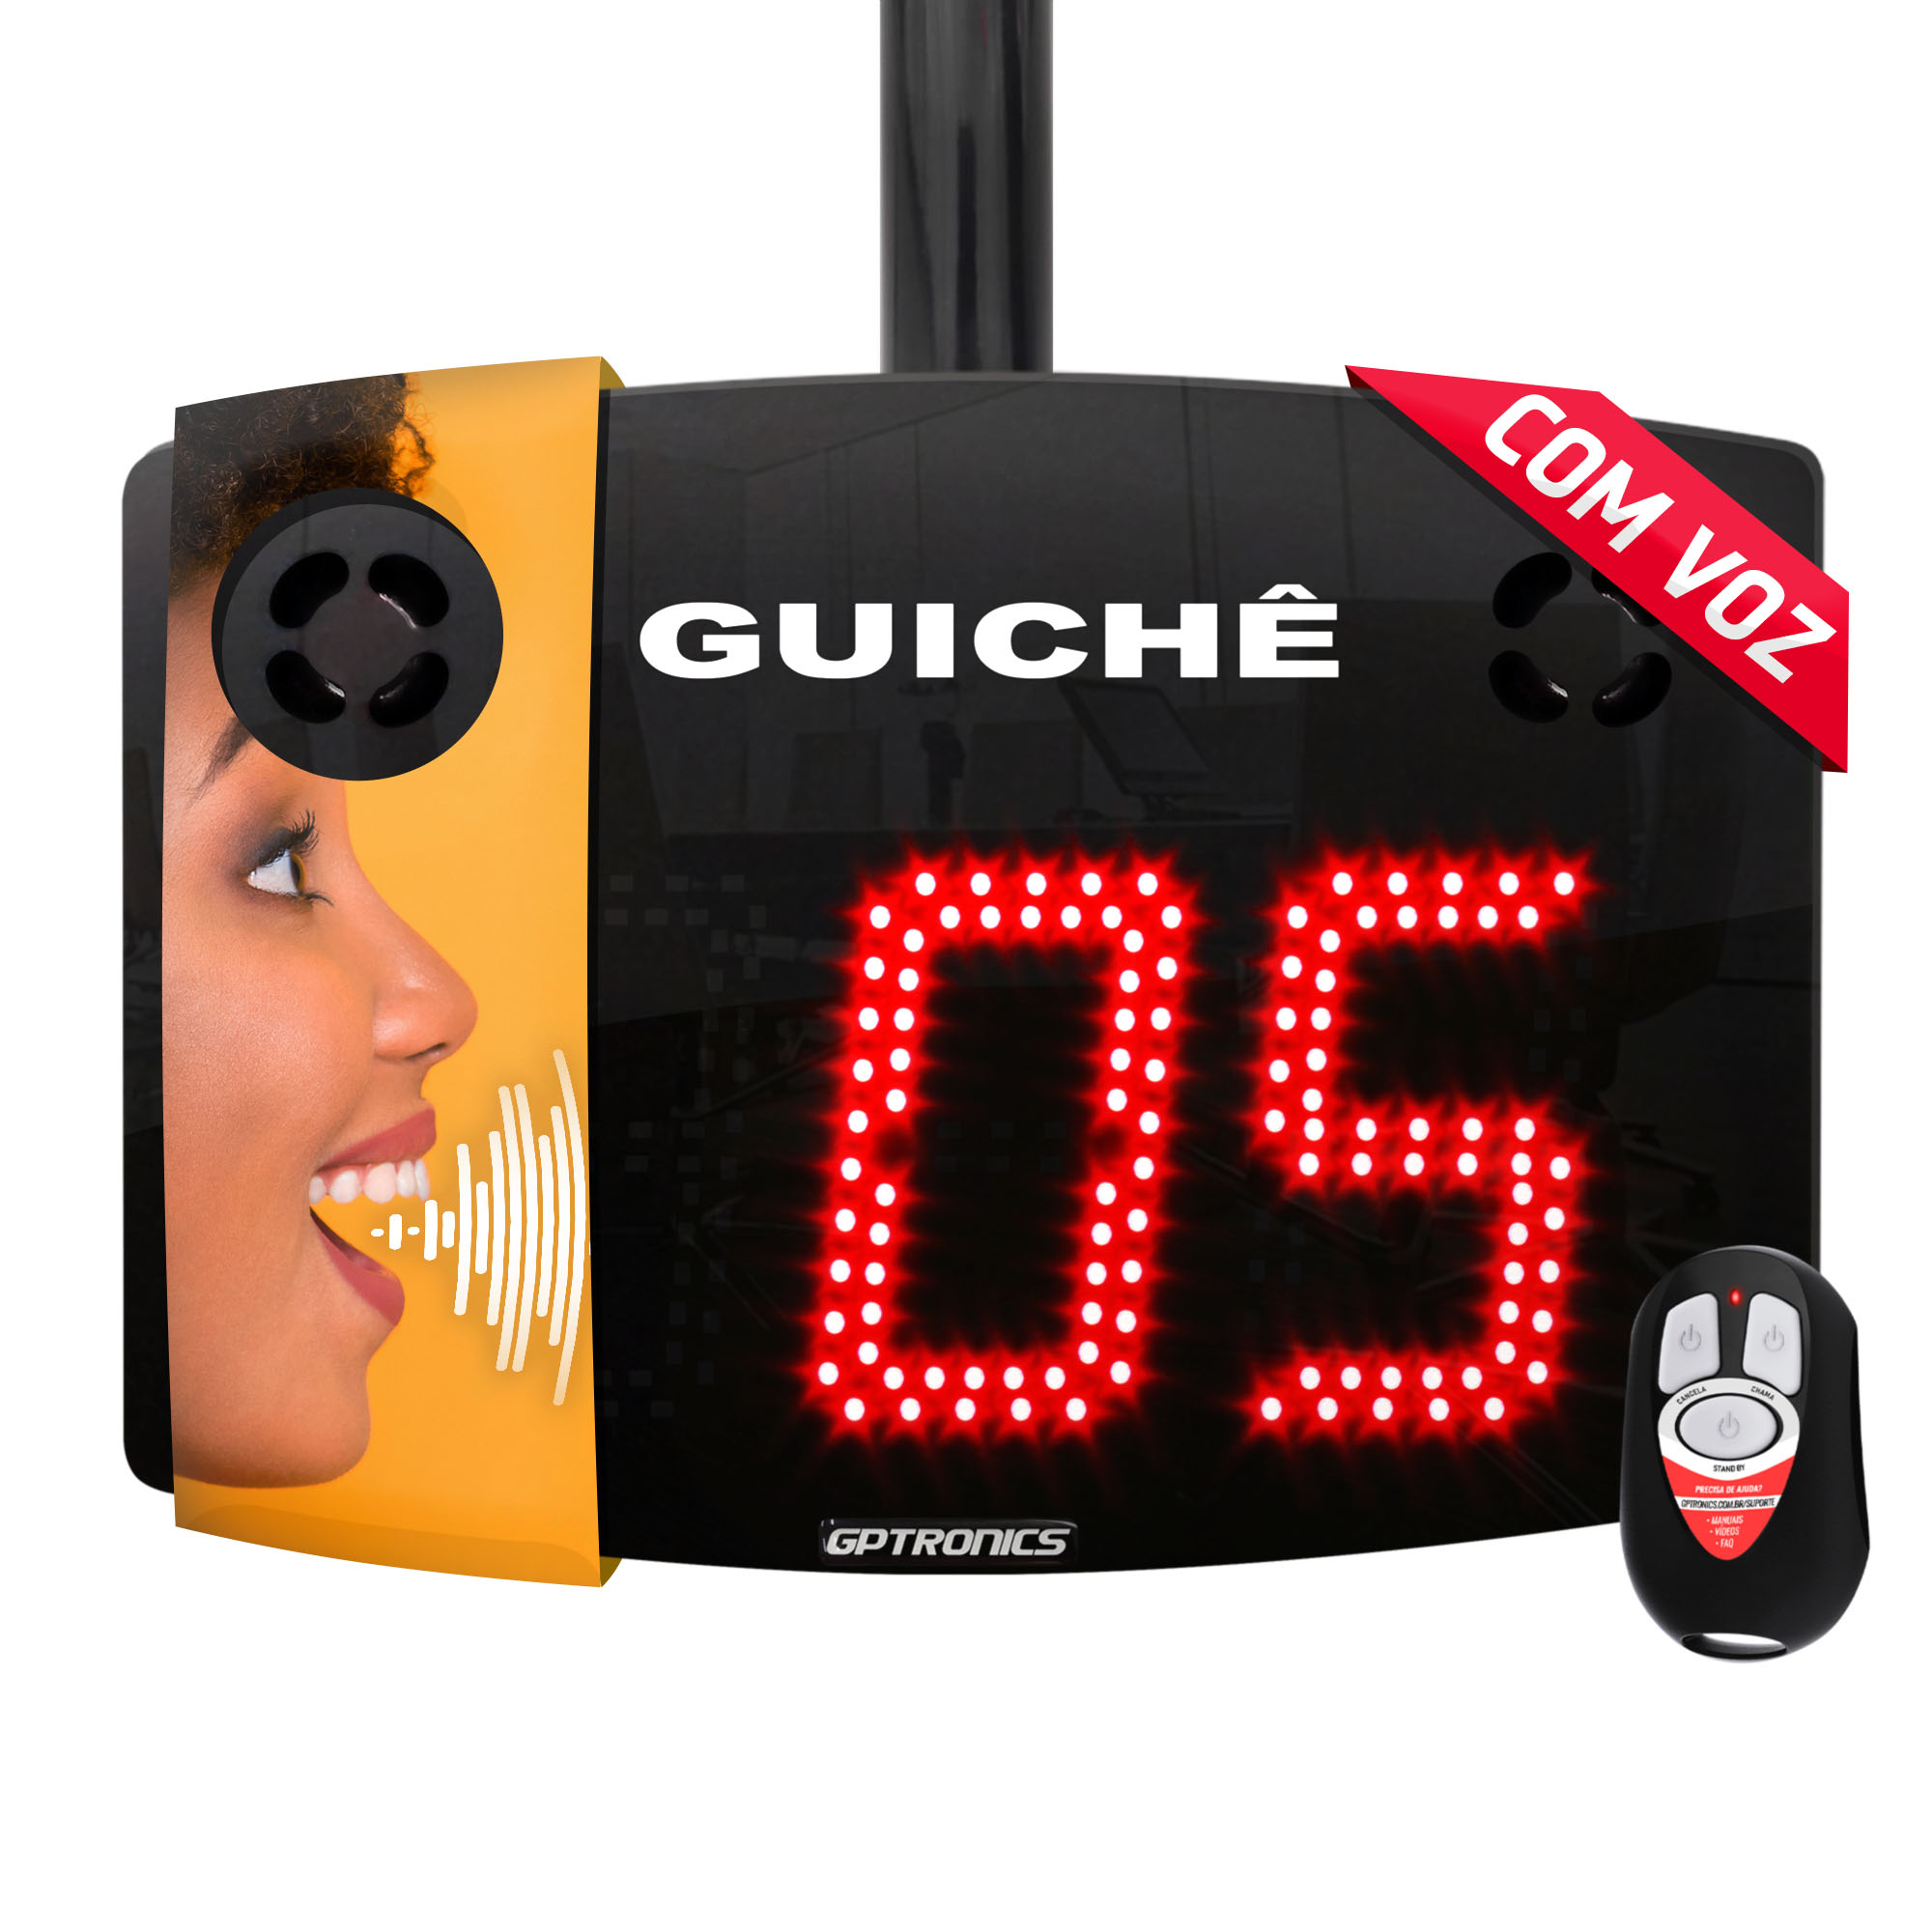 Painel Guichê com voz Agilize Vox 40 G com 2 Controles WI - 28,5x22 cm